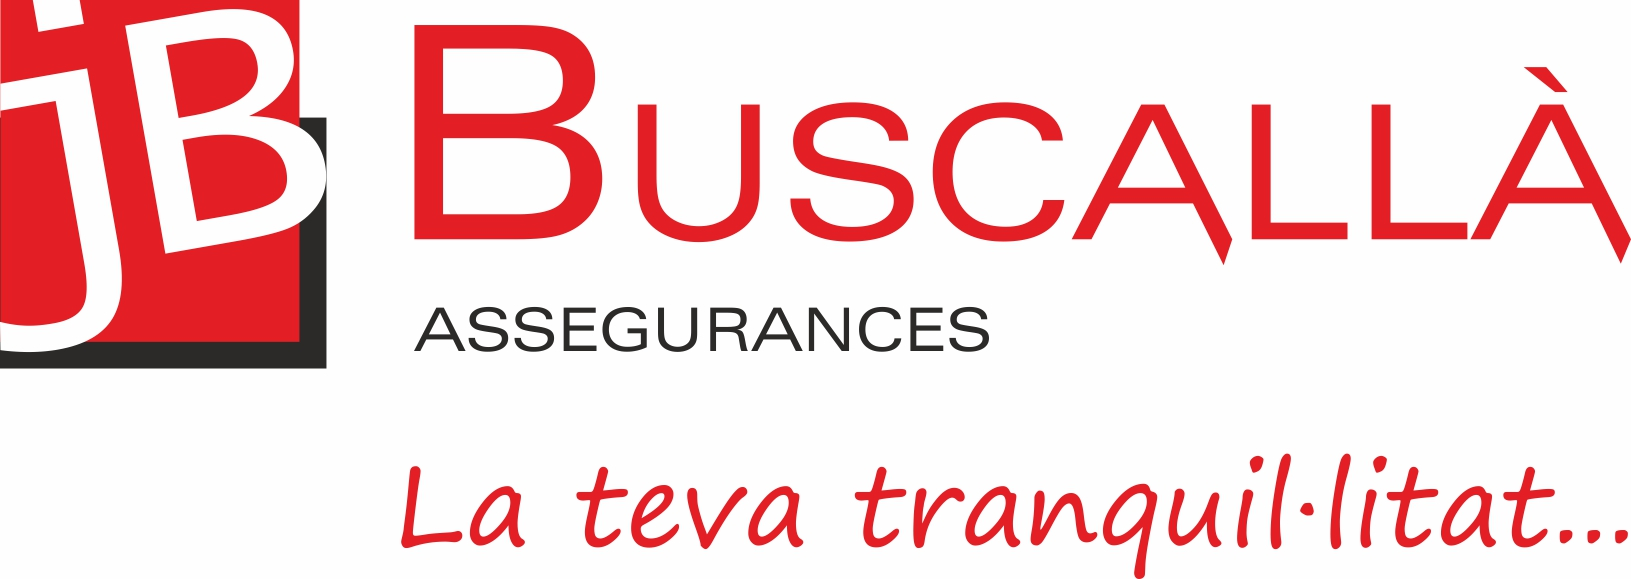 Buscallà Assegurances al Berguedà- El teu contracte d'assegurança